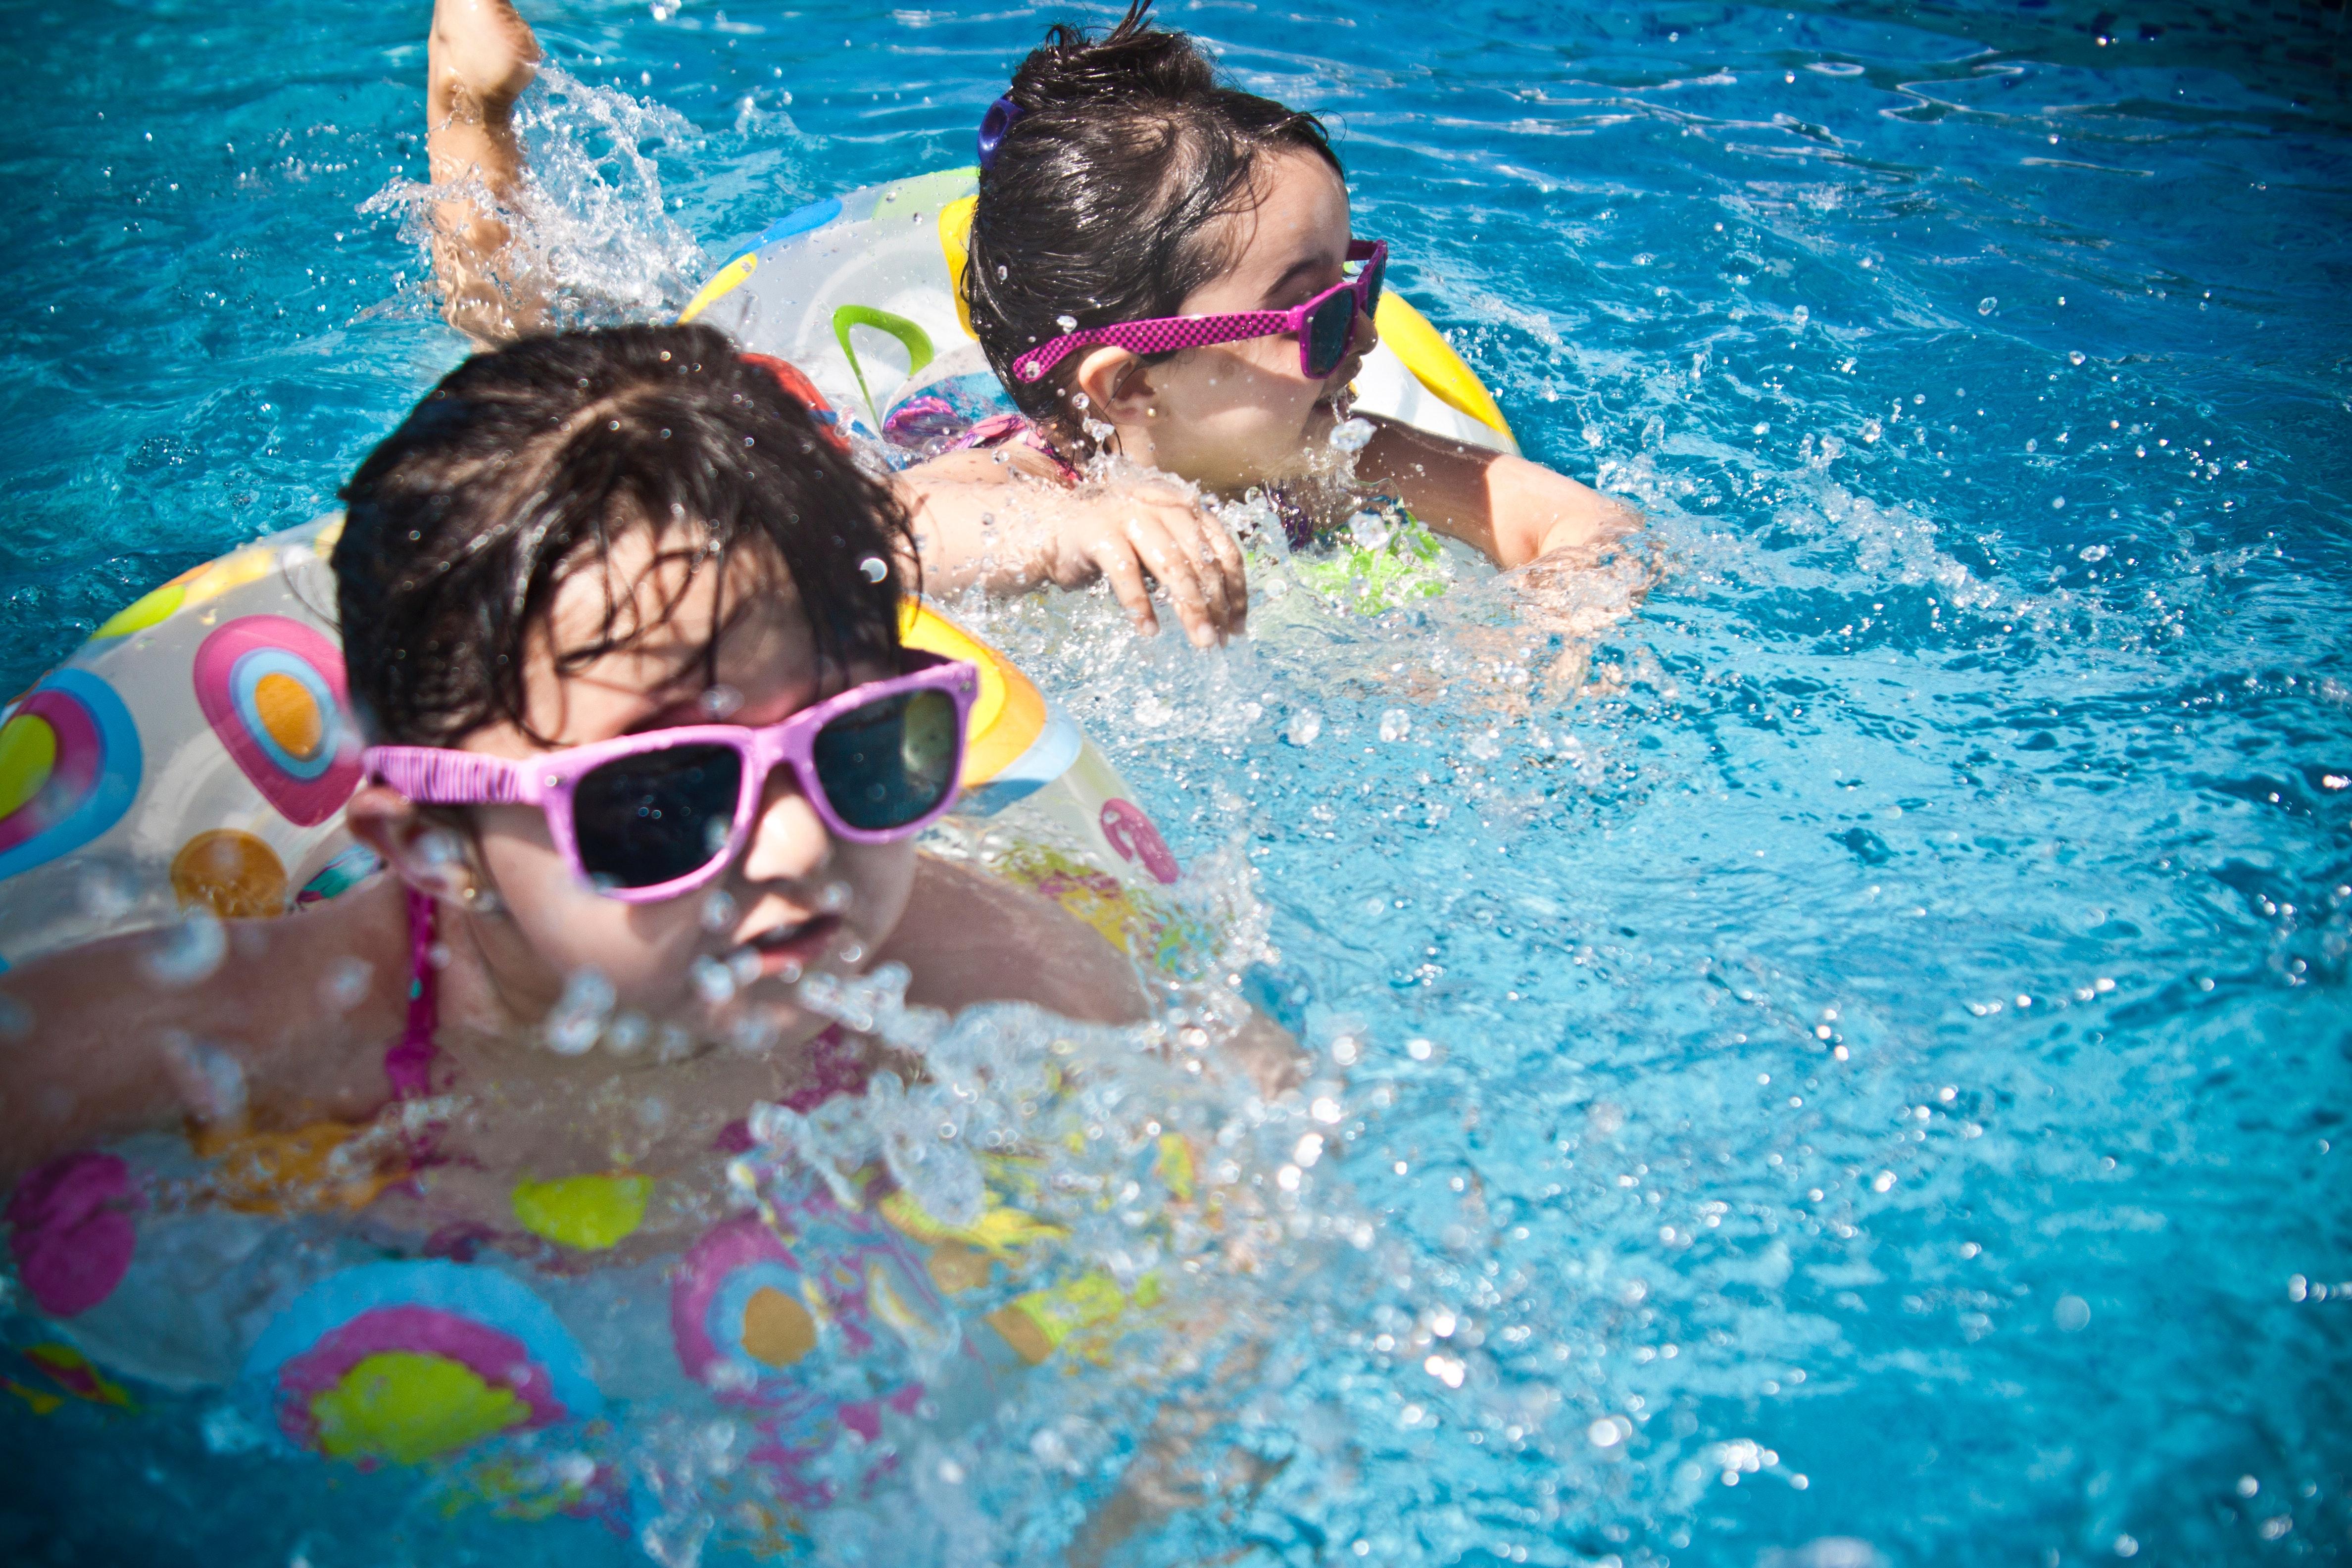 子供の運動神経を伸ばそう 幼児期に親が出来ることとは